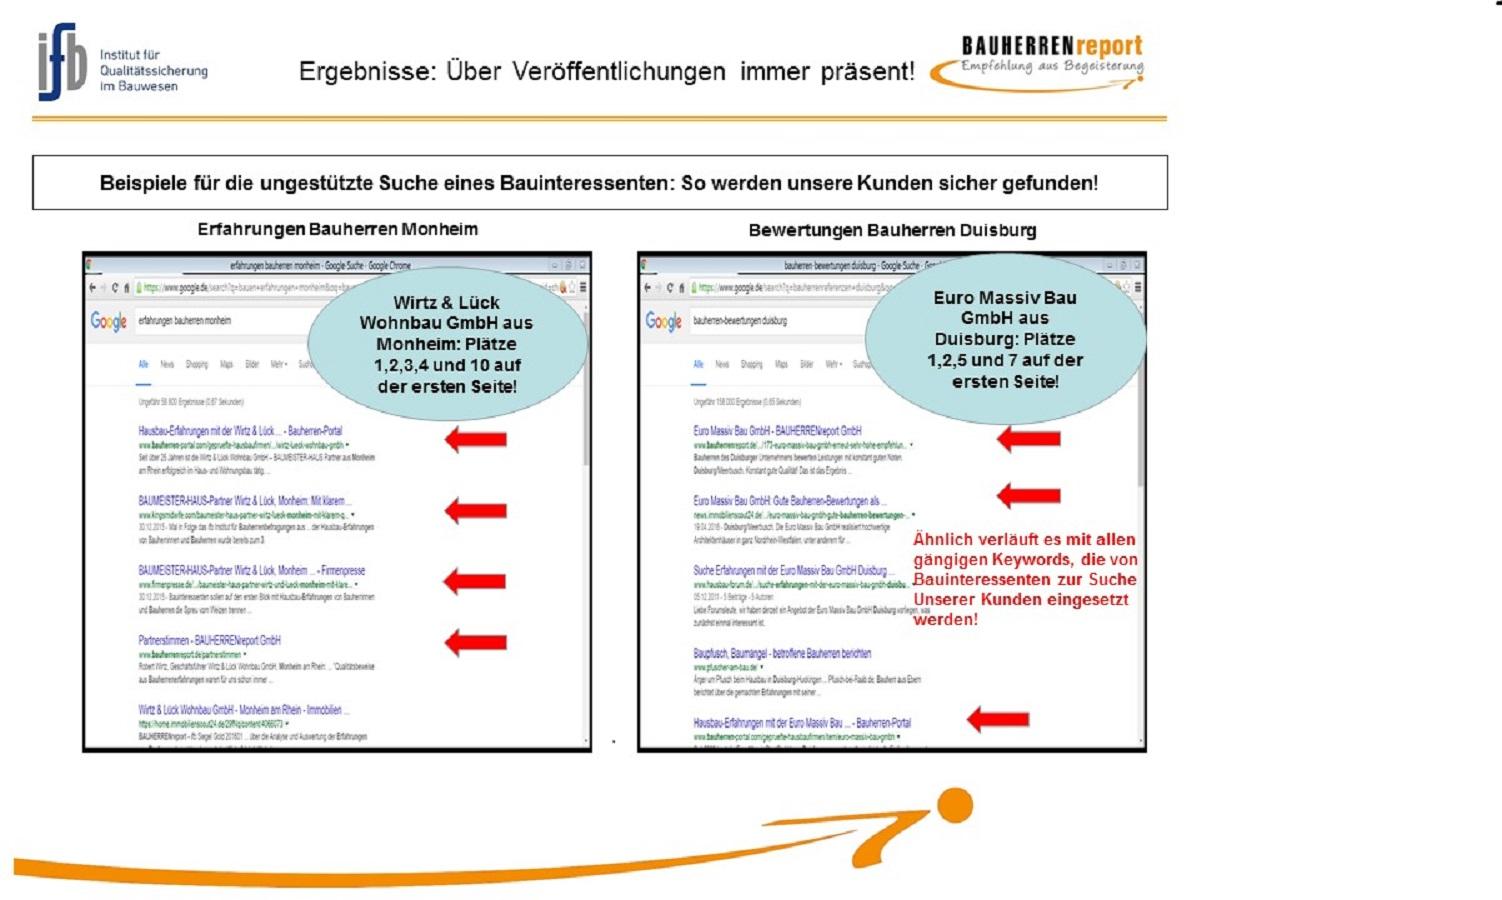 BAUHERRENreport GmbH: Hochwirksames Qualitätsmarketing bei niedrigen Kosten